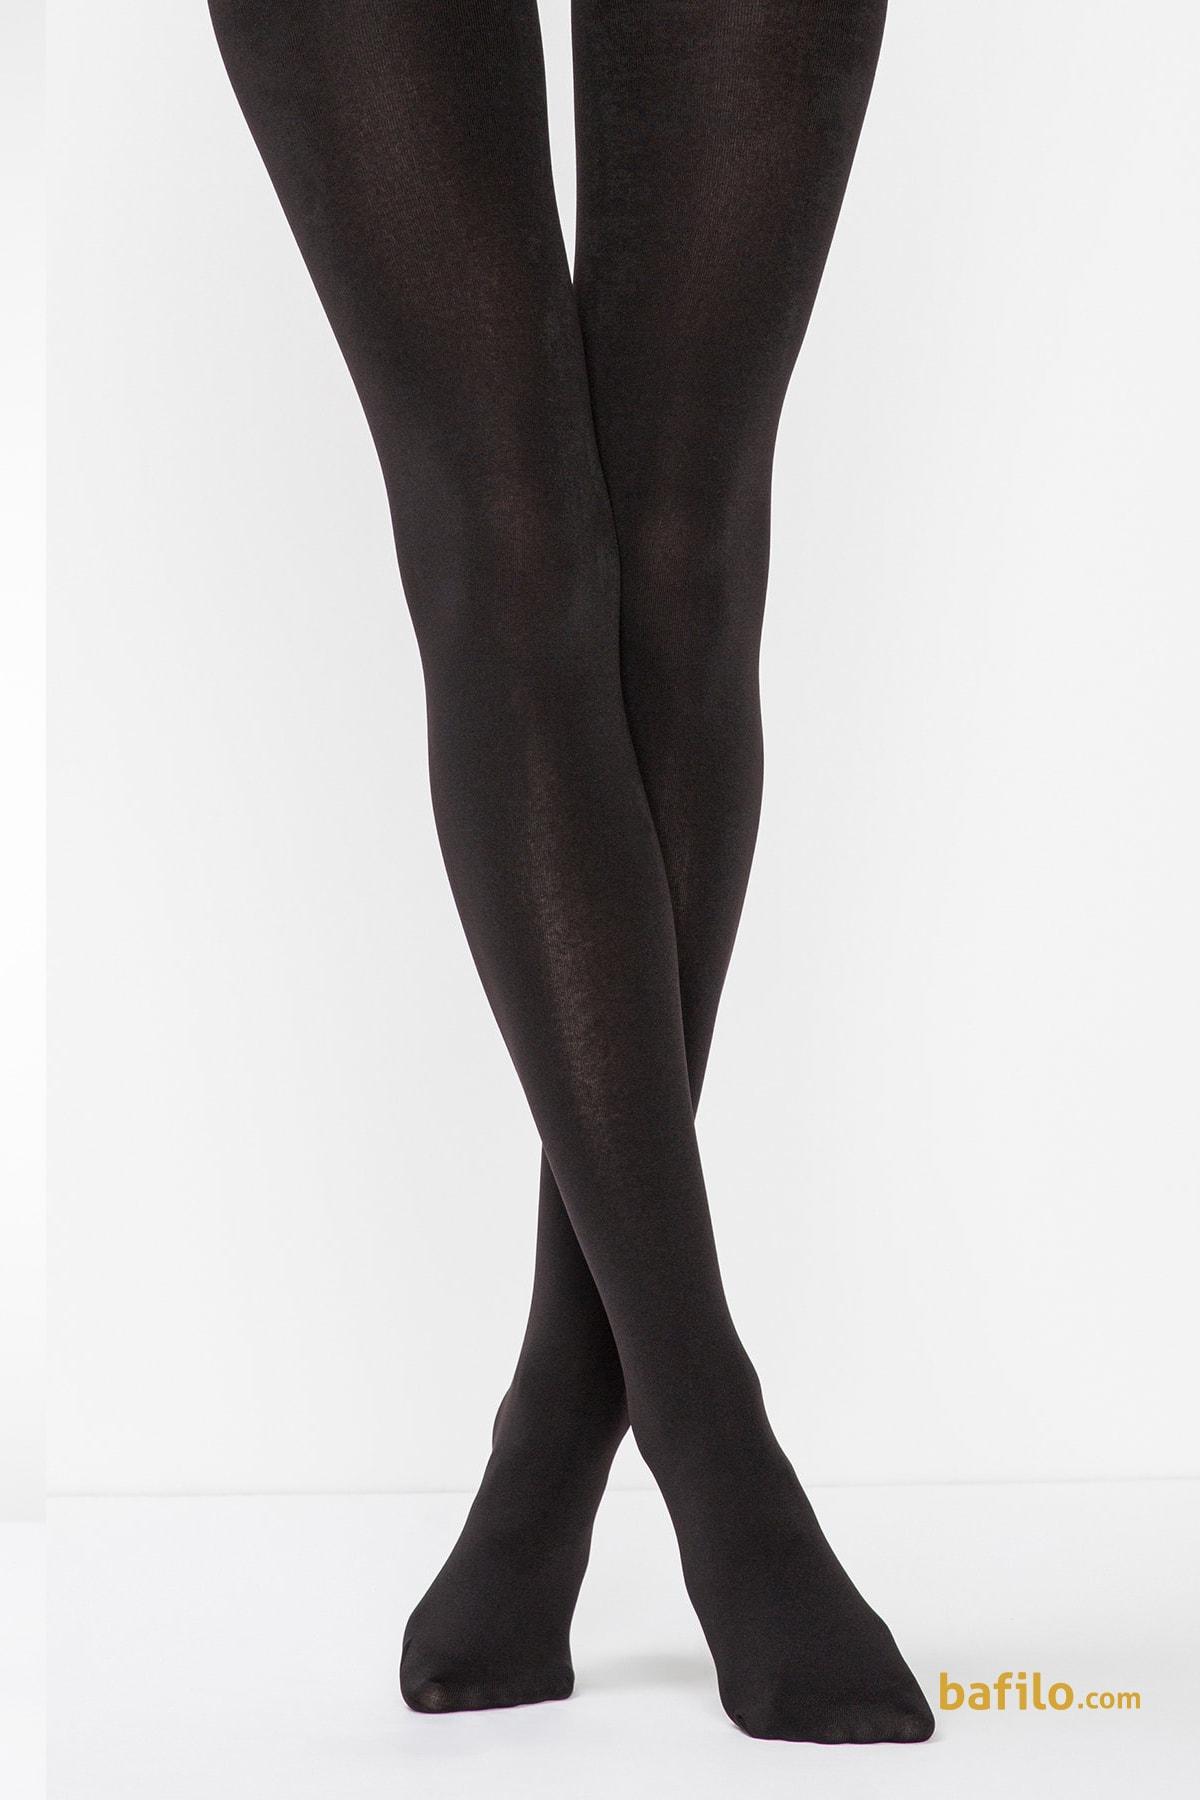 پنتی | Penti - جوراب شلواری براق زنانه پنتی  Wet Look 120 مشکی